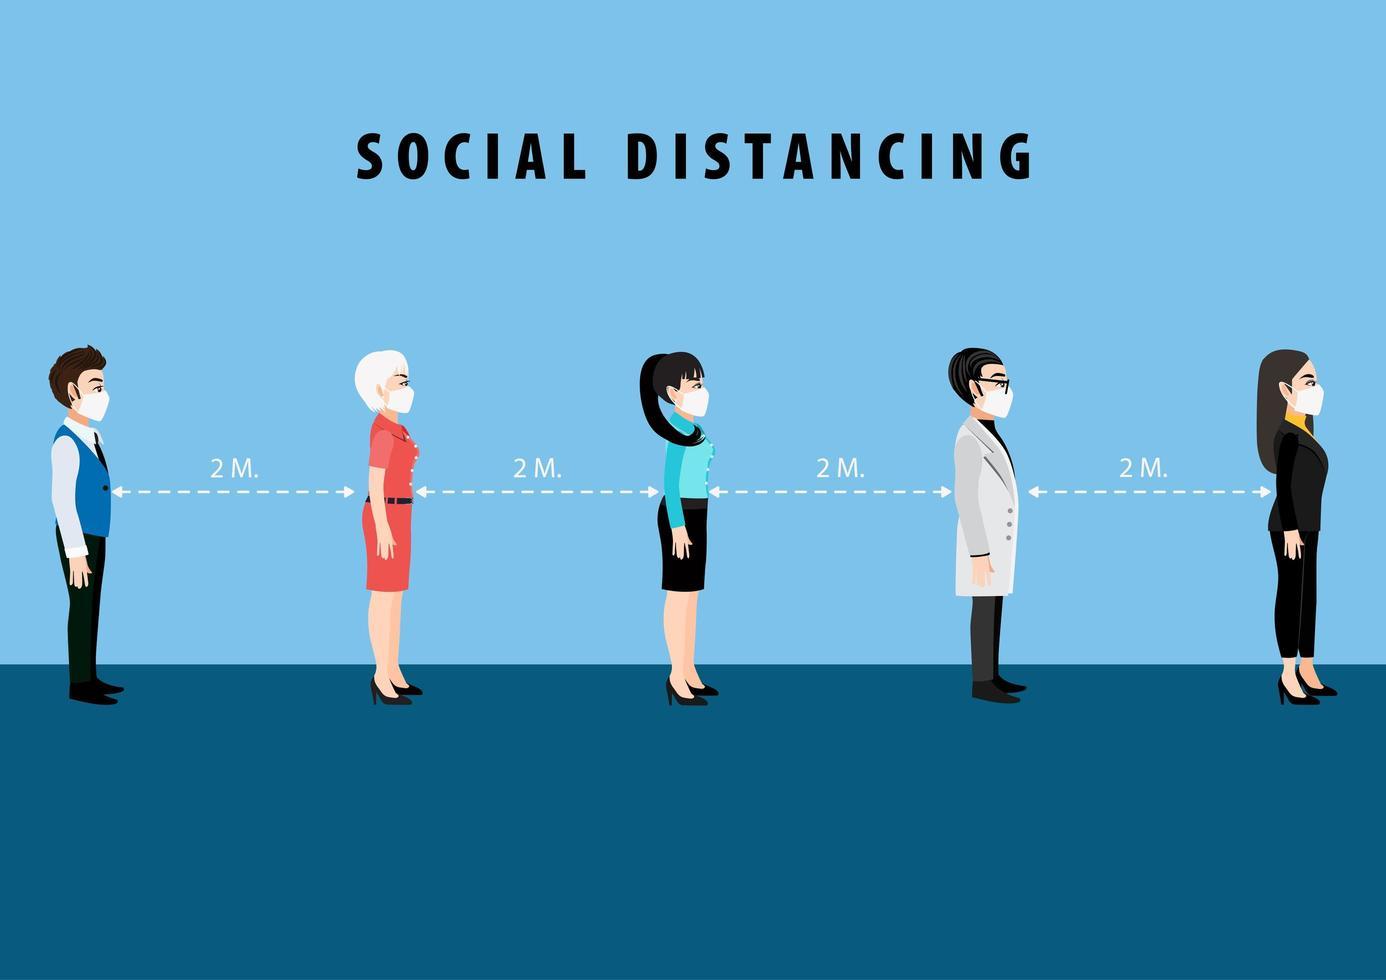 tecknad karaktär social distancing affisch vektor